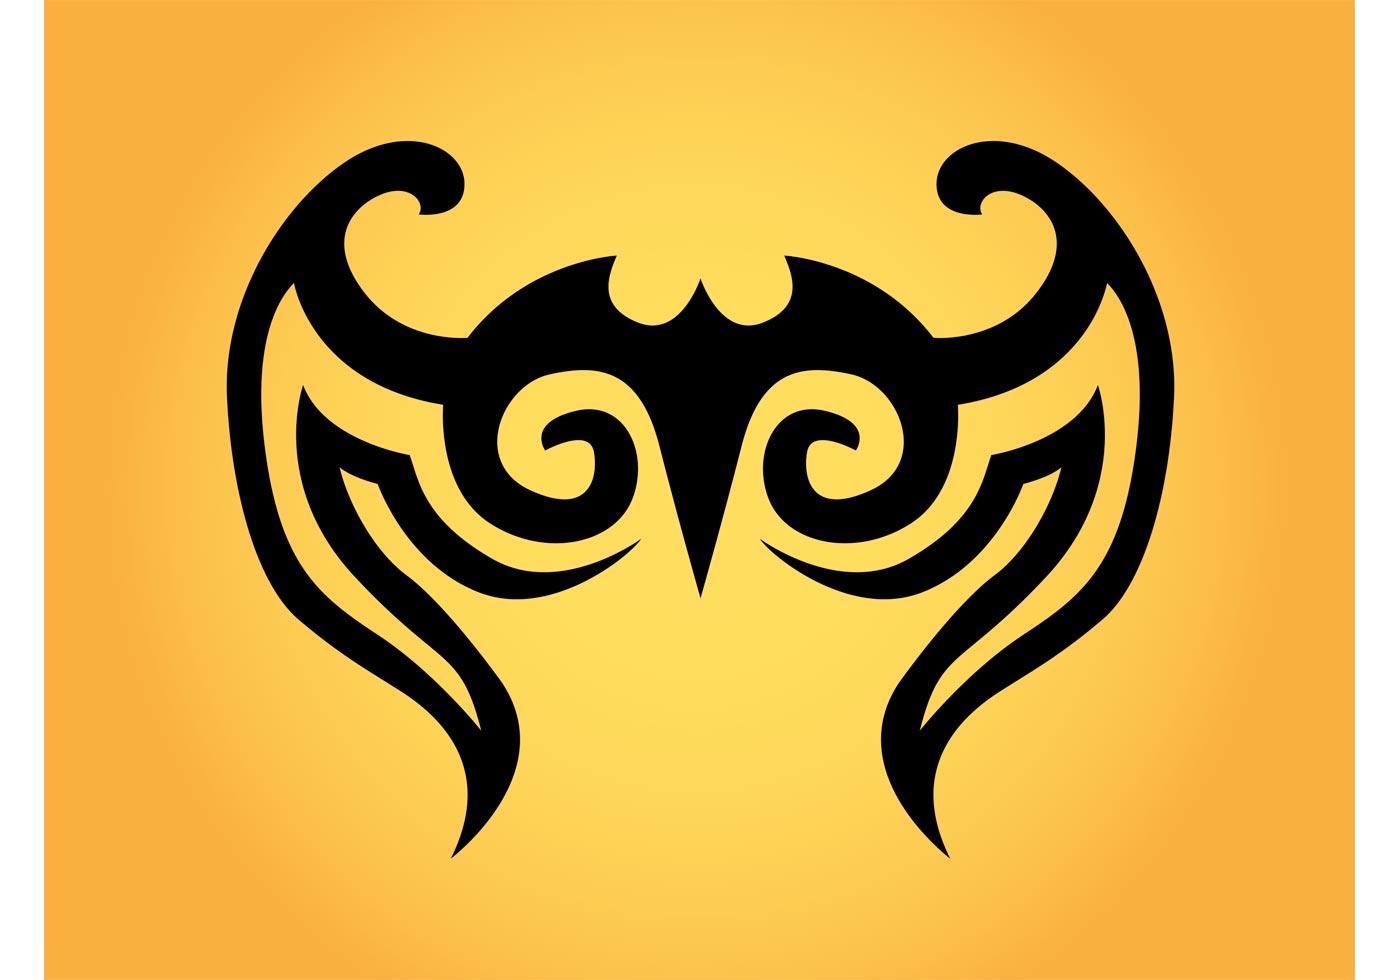 Tribal Wings Free Vector Art